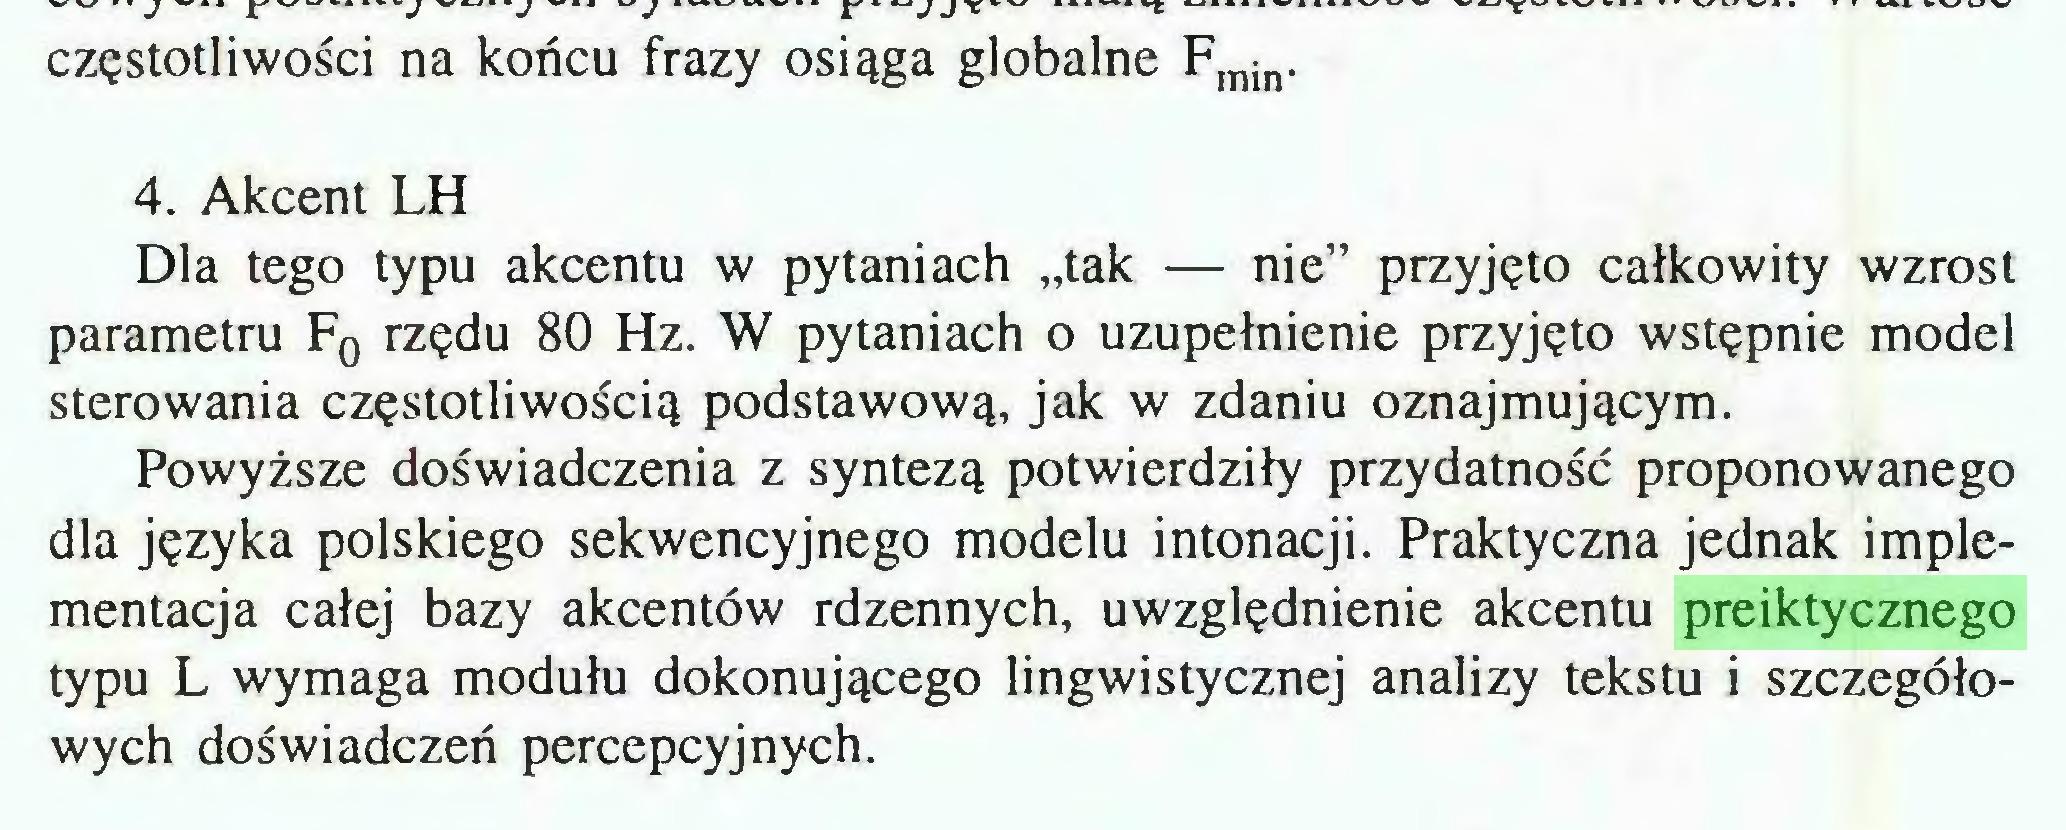 (...) Powyższe doświadczenia z syntezą potwierdziły przydatność proponowanego dla języka polskiego sekwencyjnego modelu intonacji. Praktyczna jednak implementacja całej bazy akcentów rdzennych, uwzględnienie akcentu preiktycznego typu L wymaga modułu dokonującego lingwistycznej analizy tekstu i szczegółowych doświadczeń percepcyjnych. 15...